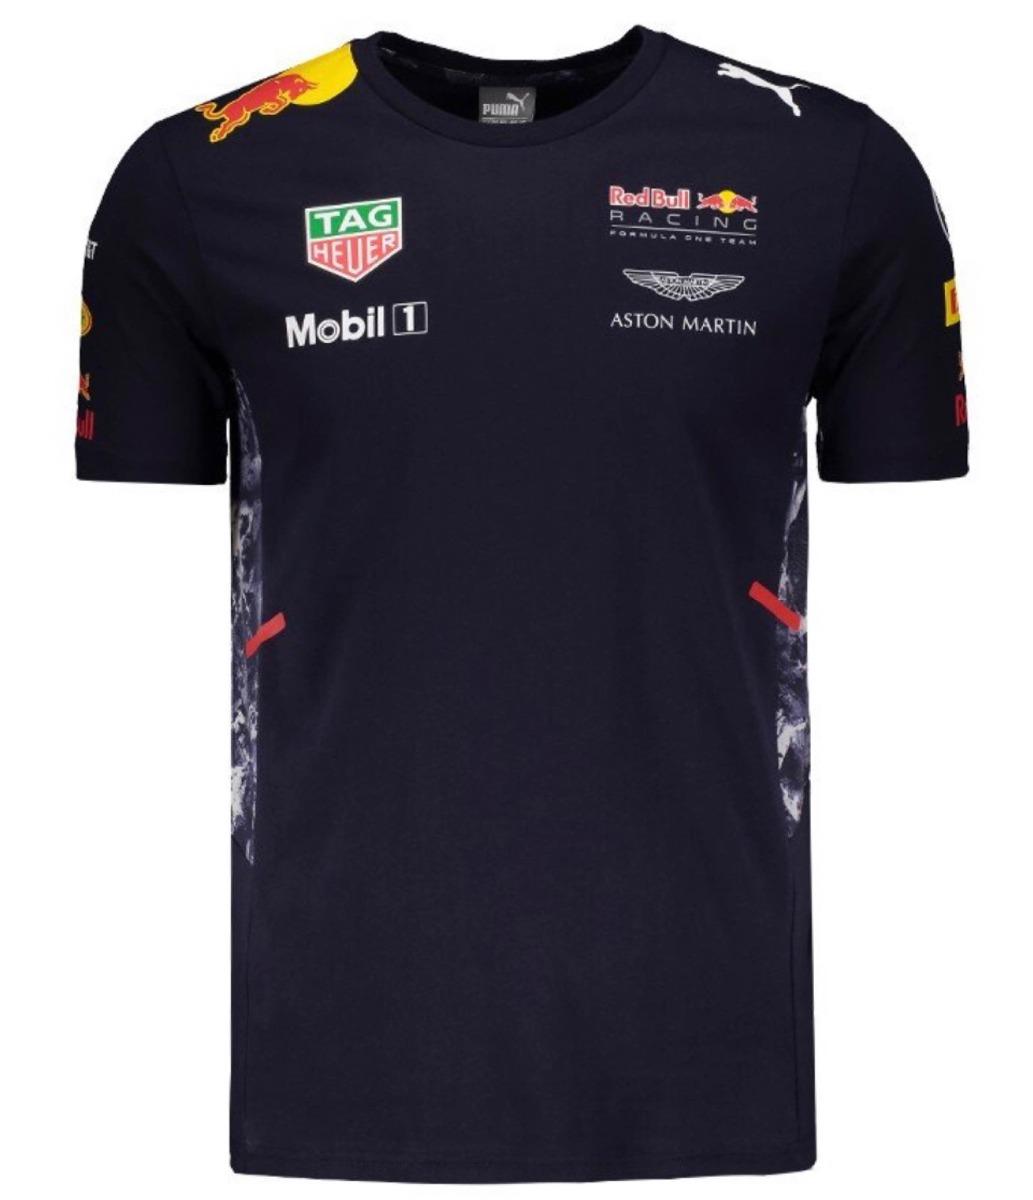 c0d3e530433a8 Camiseta Puma Red Bull Racing Team - Masc - Original - R$ 199,00 em ...